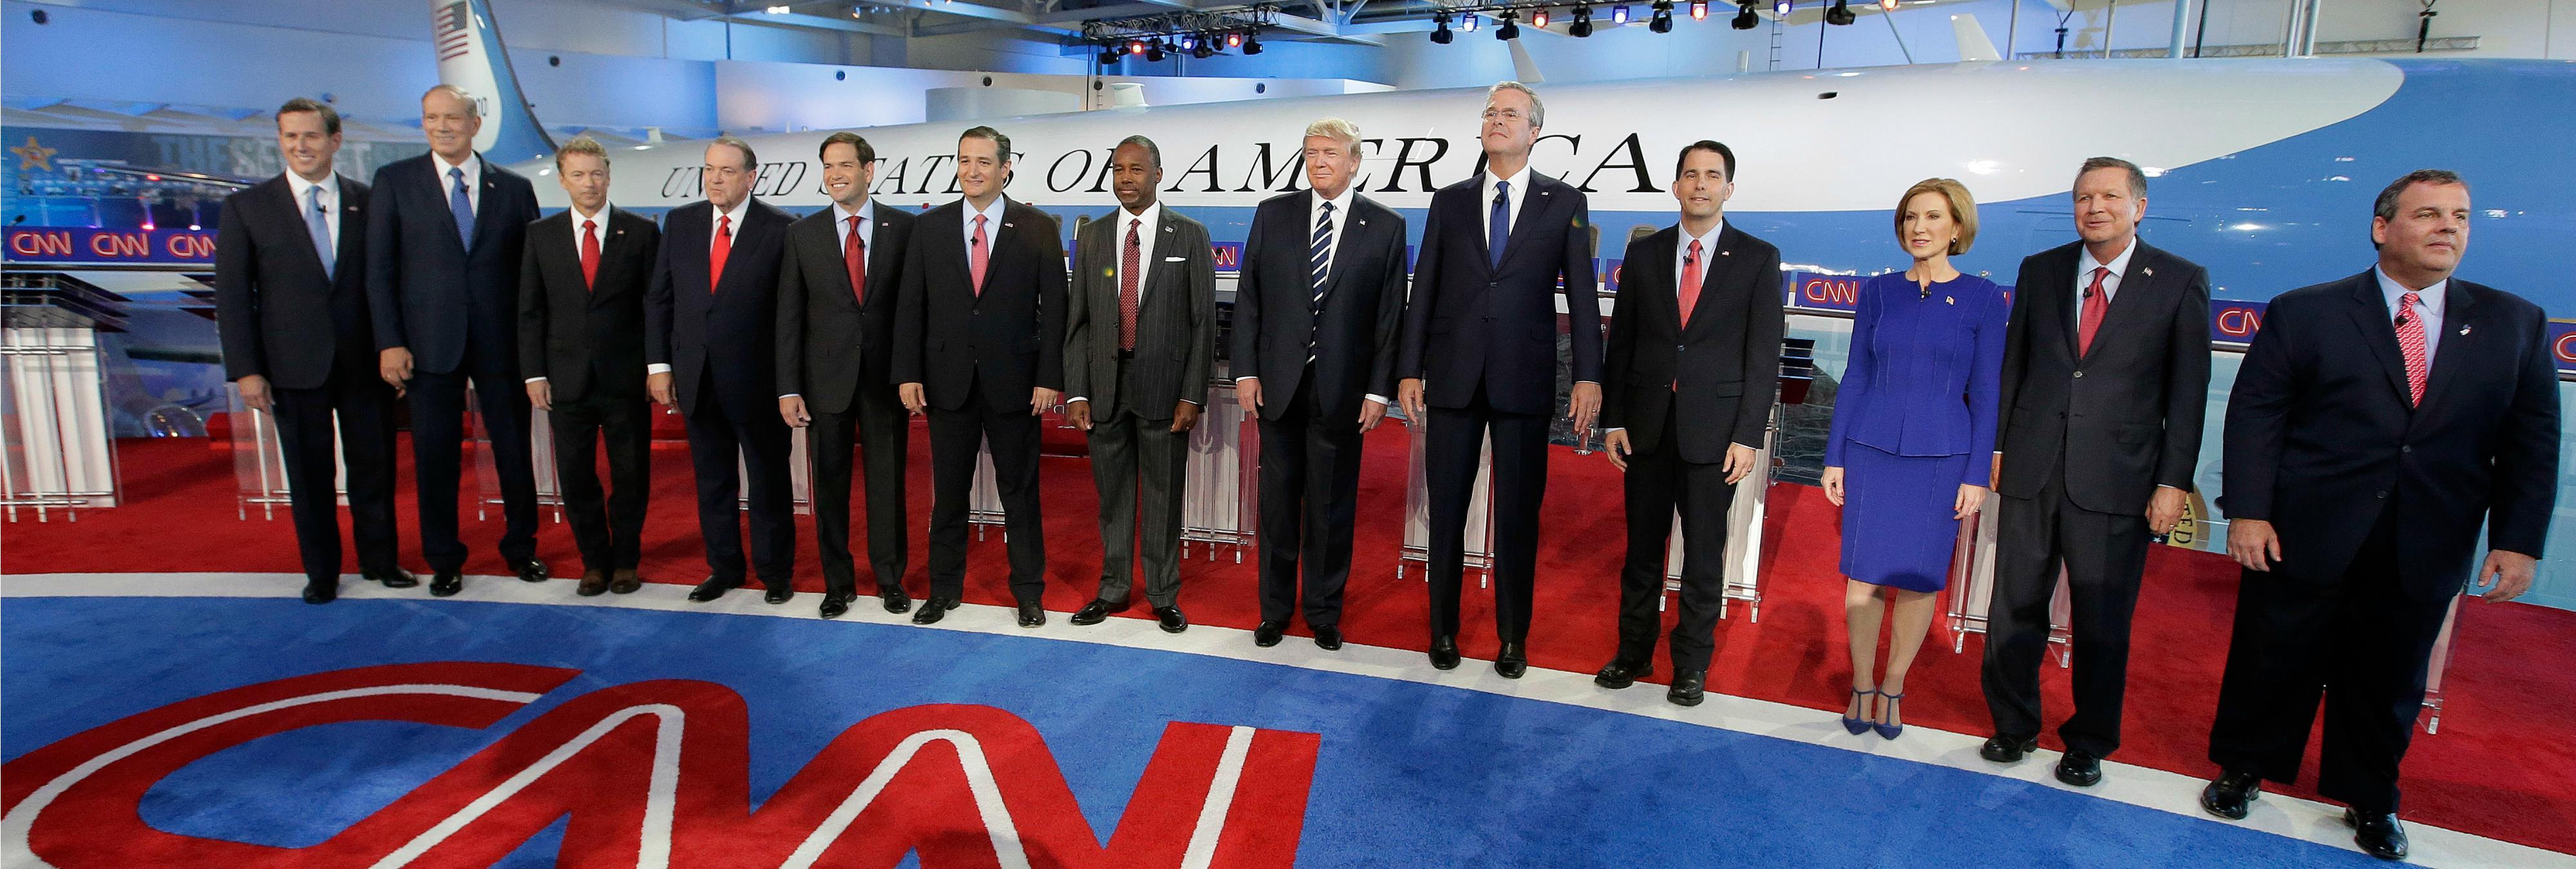 8 momentos clave del debate del Partido Republicano en CNN